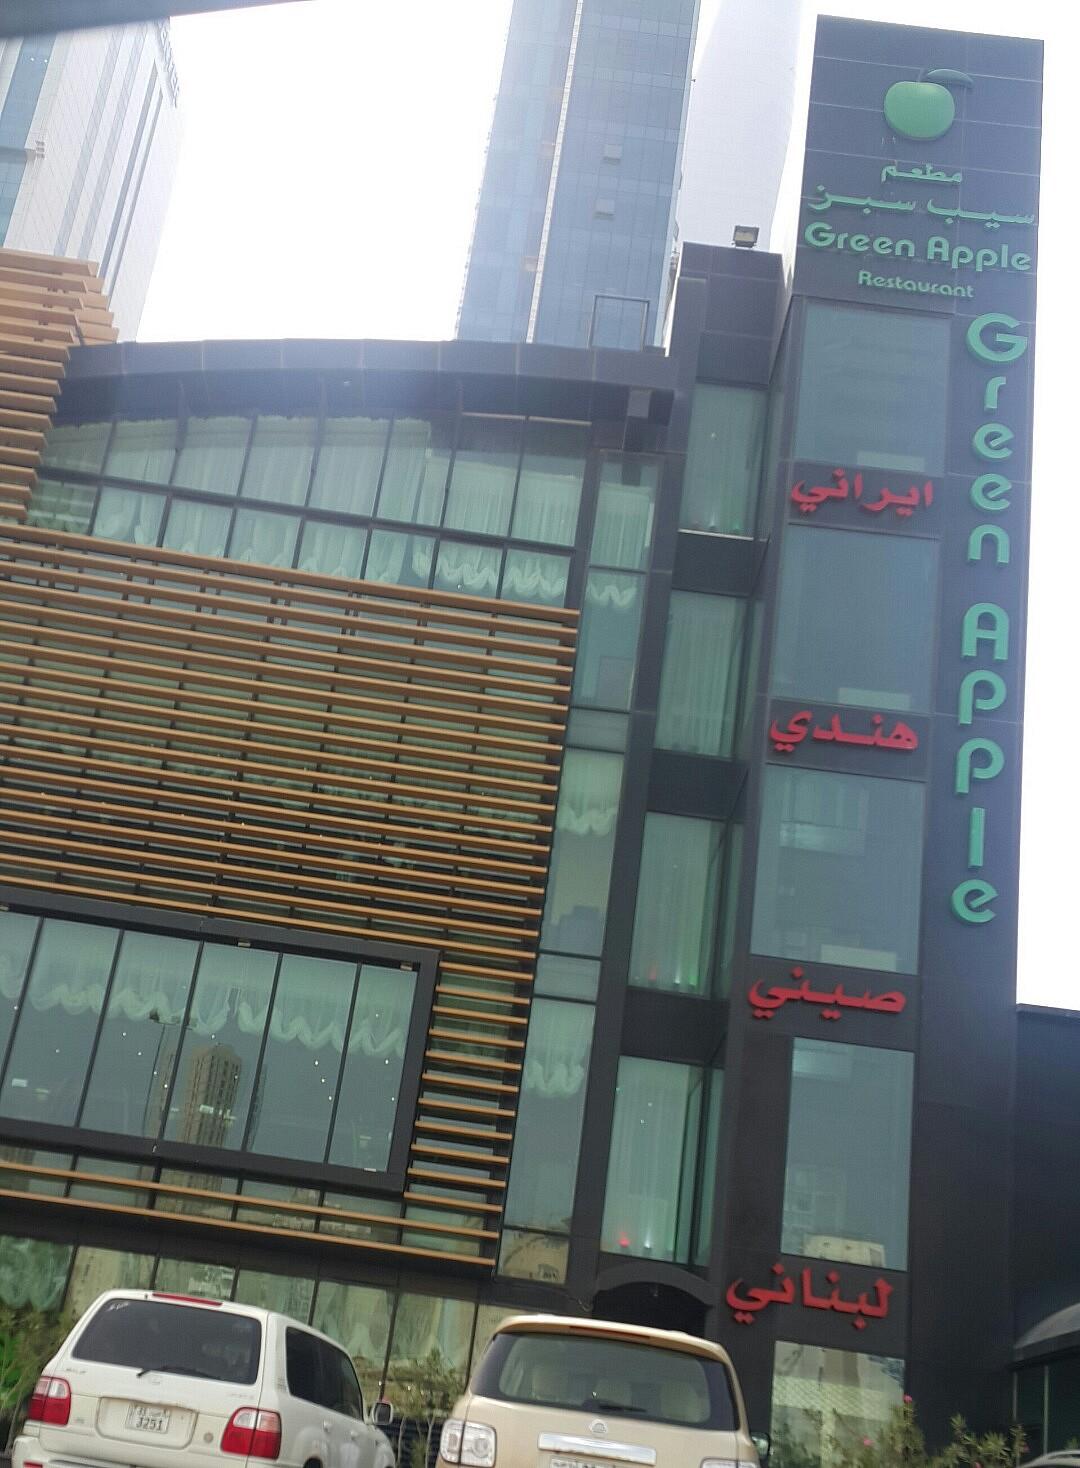 المطعم مقسم الى ثلاث طوابق .. كل طابق يختص بأكل من الاكلات العالمية 👌👌 الطابق الاول مخصص للاكل اللبناني, الطابق الثاني للاكل الهندي و الصيني و الطابق الثالث للاكل الايراني @ Green Apple - Kuwait